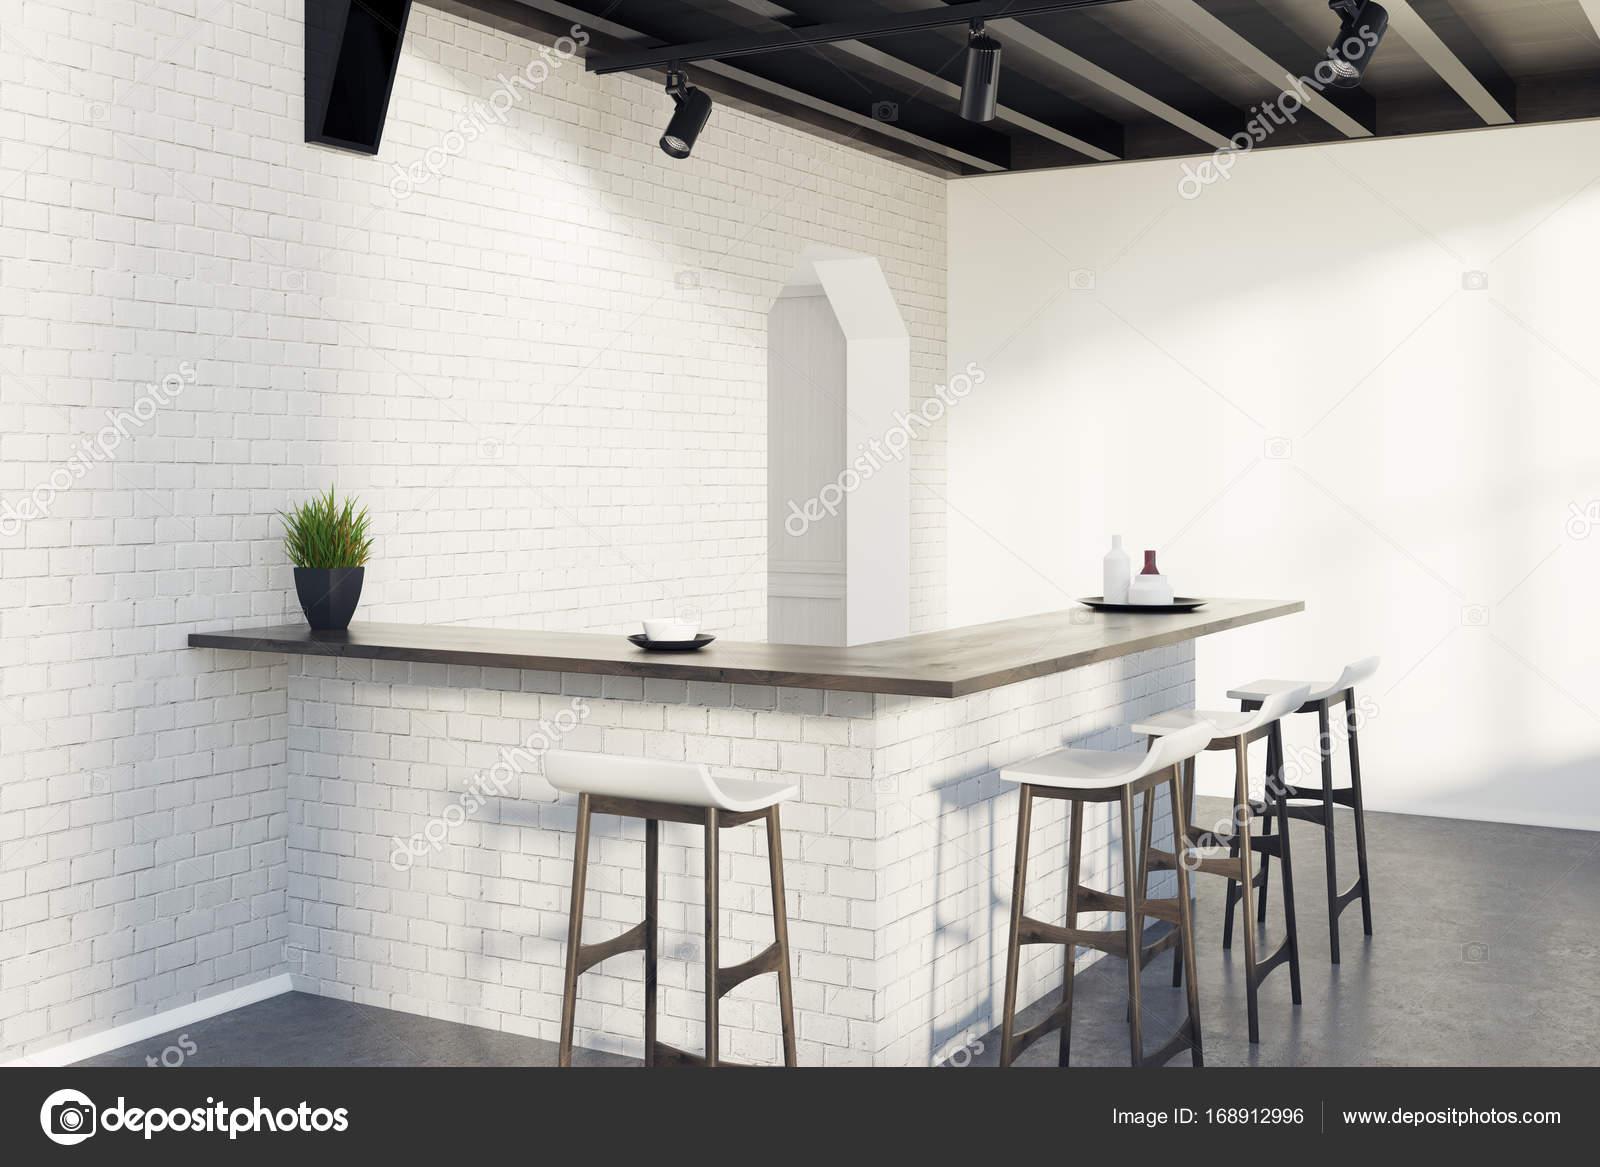 Ziegel-Küche-Bar, Hocker und eine Tür, graue Ecke — Stockfoto ...